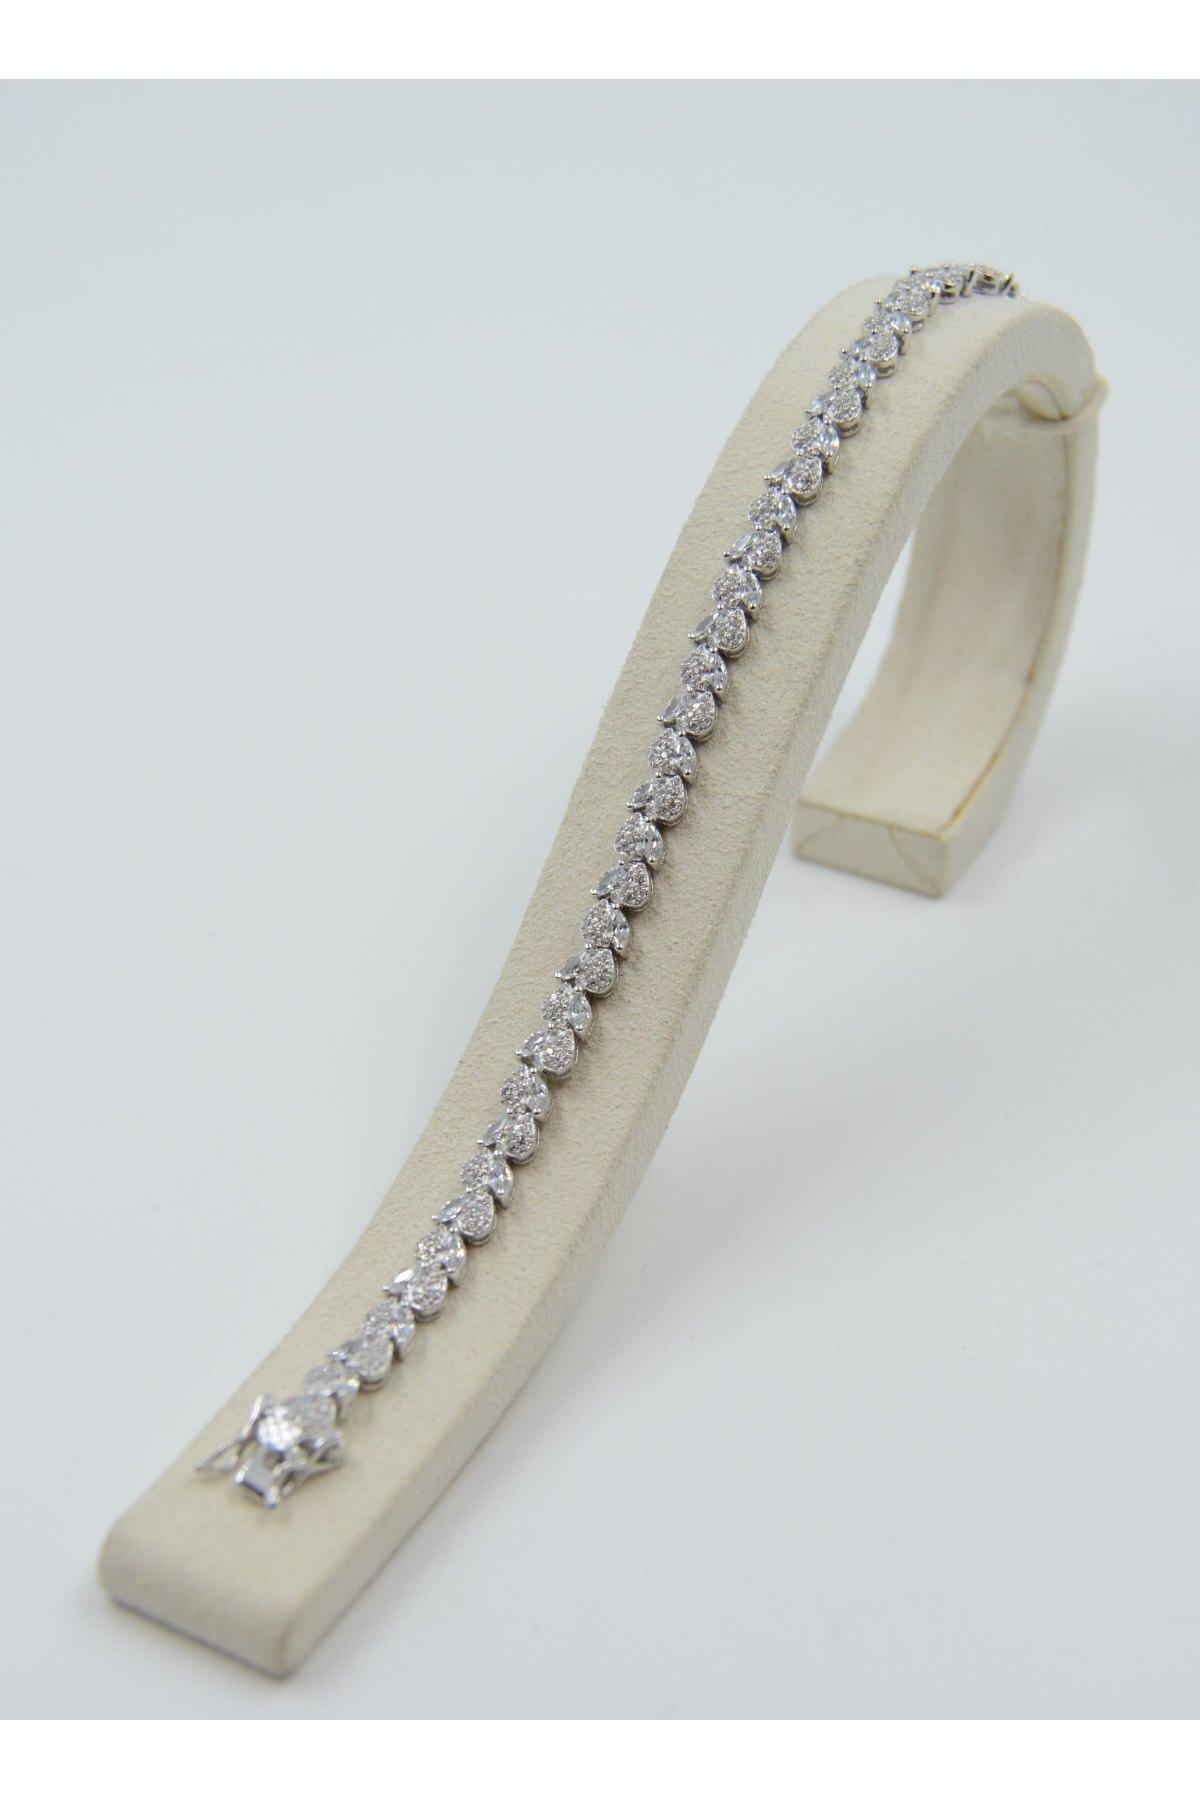 Swarovski Kadın Beyaz Zirkon Taşlı Kalp Desenli 925 Ayar Gümüş Bileklik 2